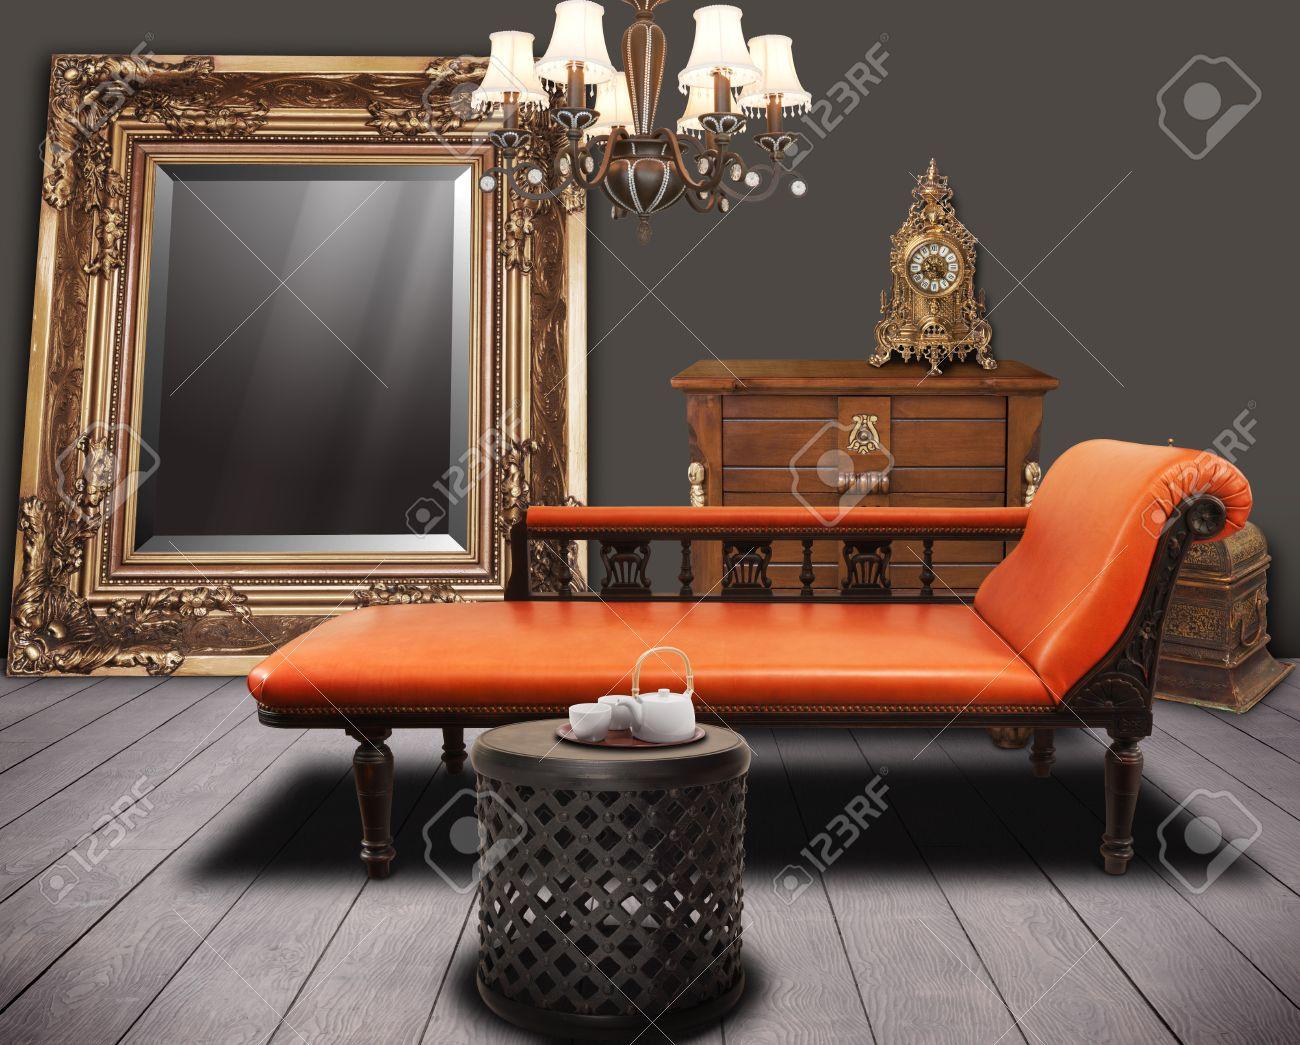 vintage furnitures decorated in living-room Standard-Bild - 23879413